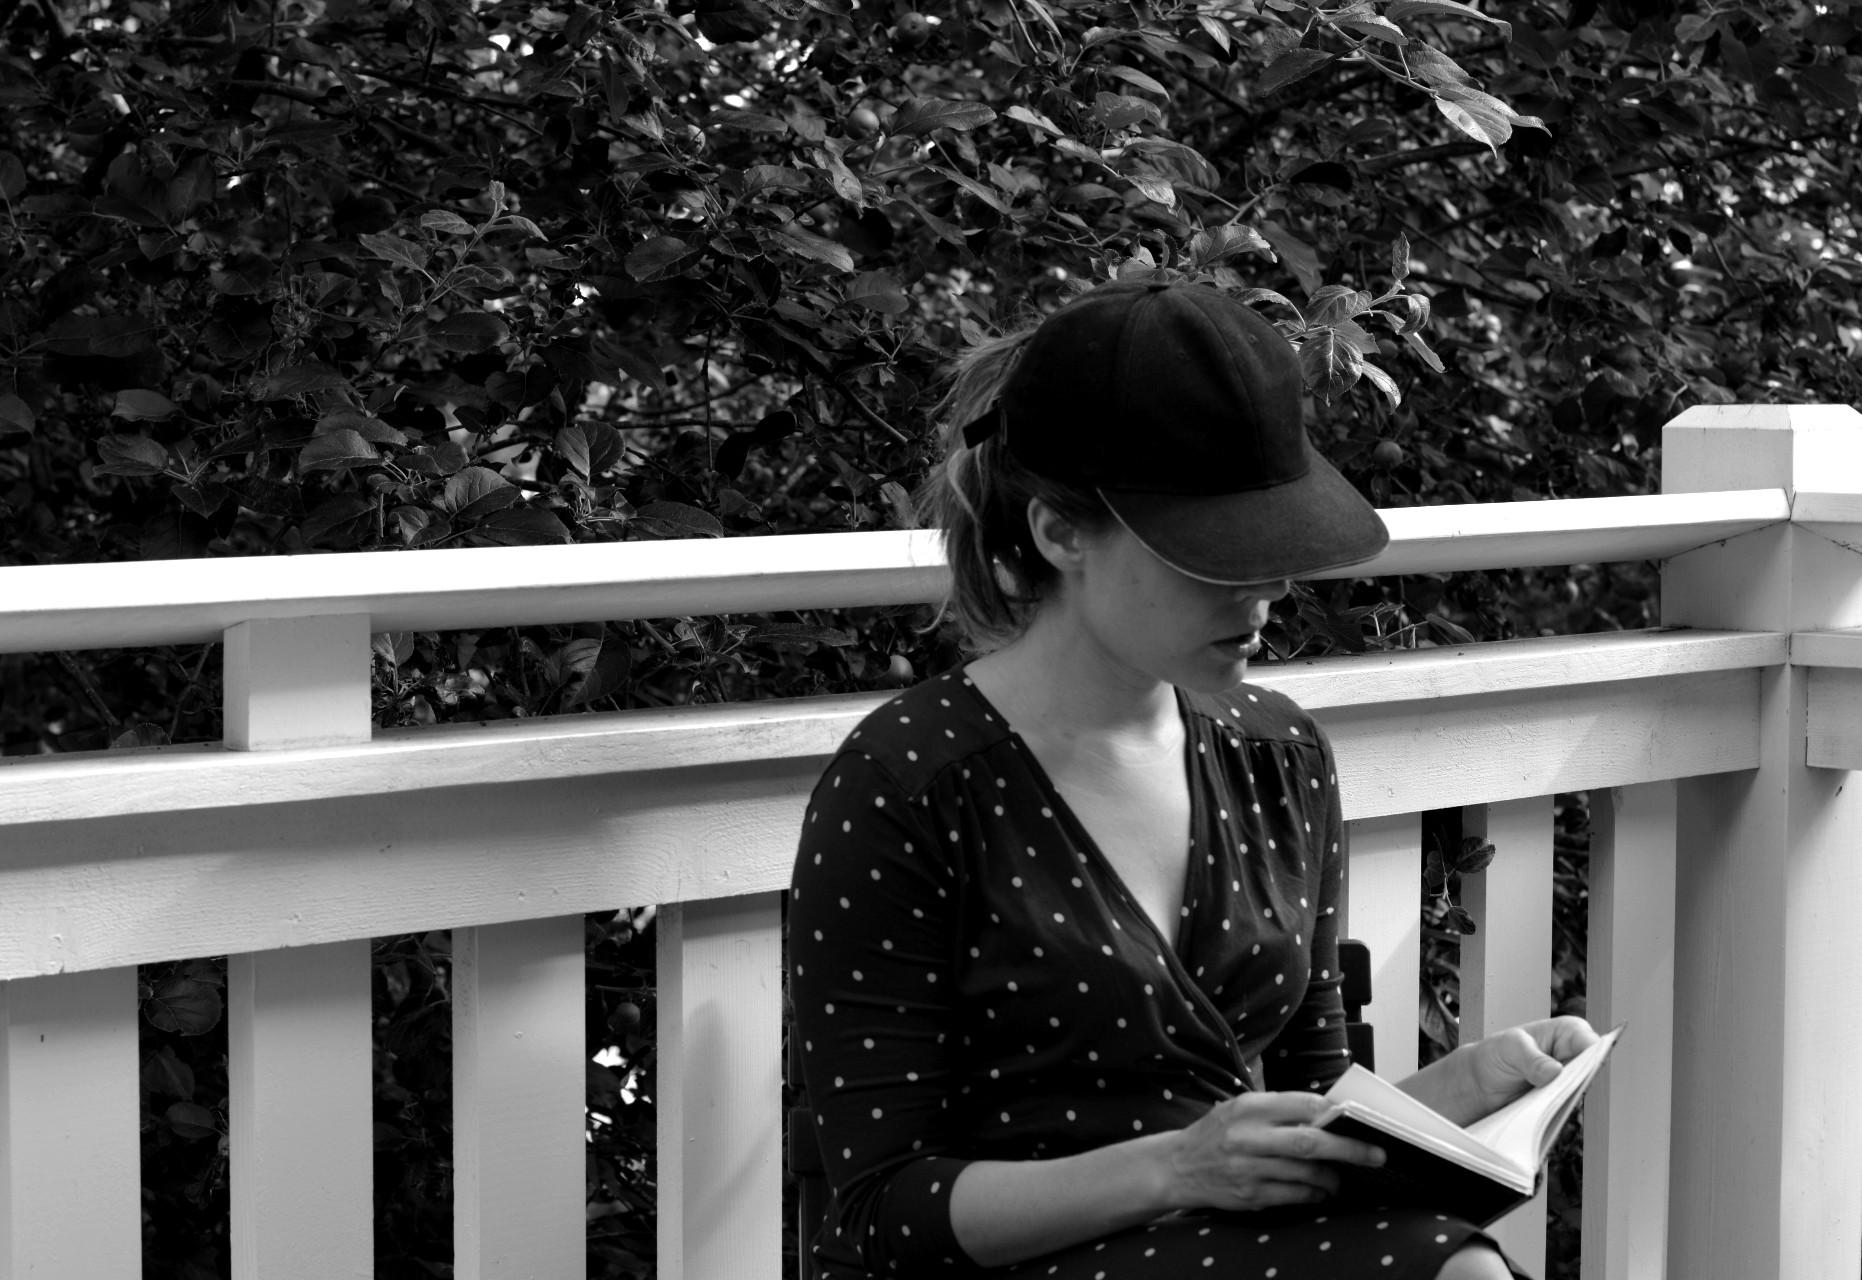 Ulrika Nettelblad läser en bok på balkong. Svartvit bild.